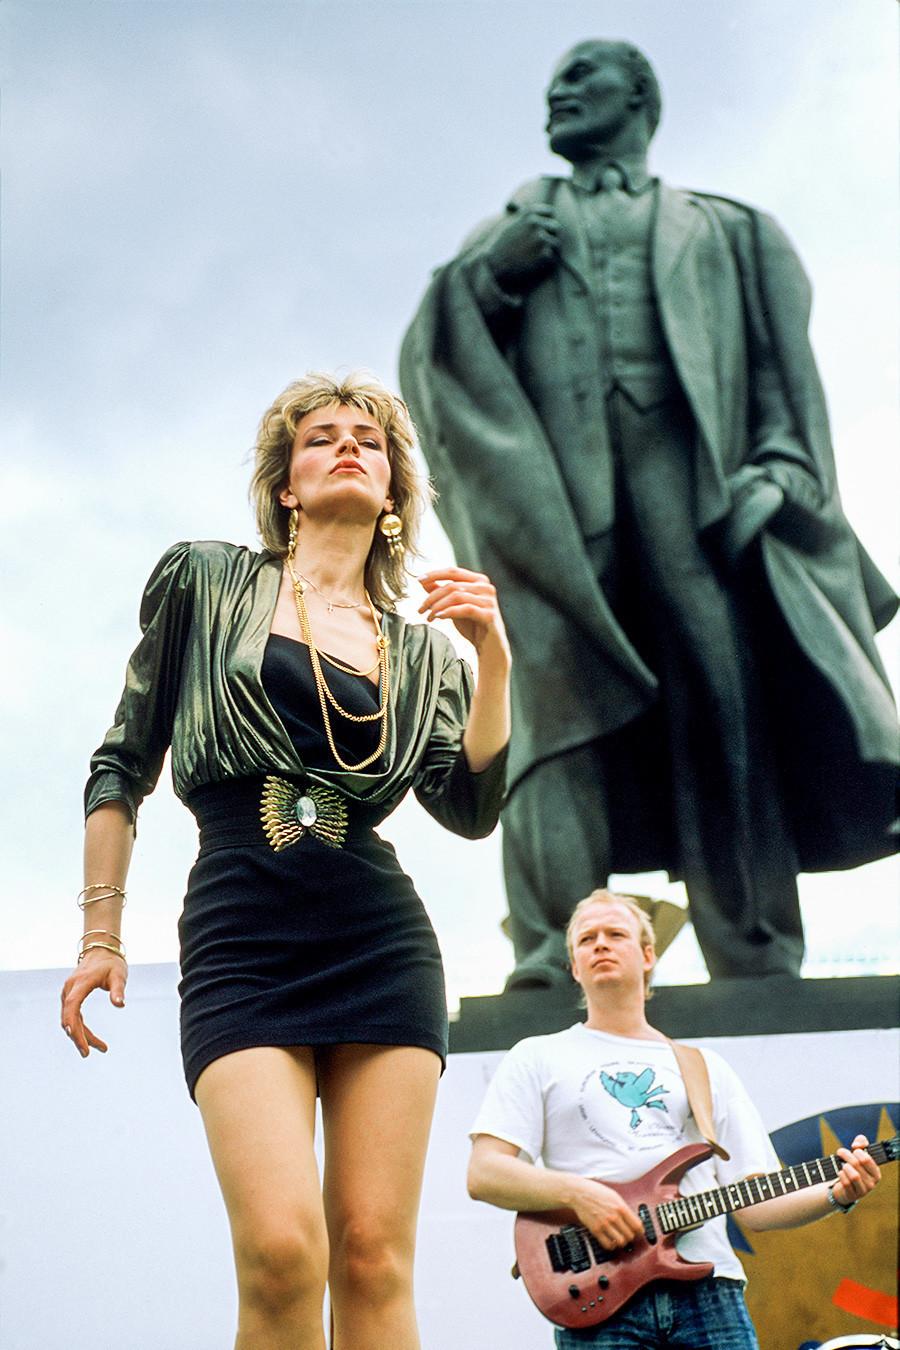 Junge Rocker vor einem Lenin-Denkmal.